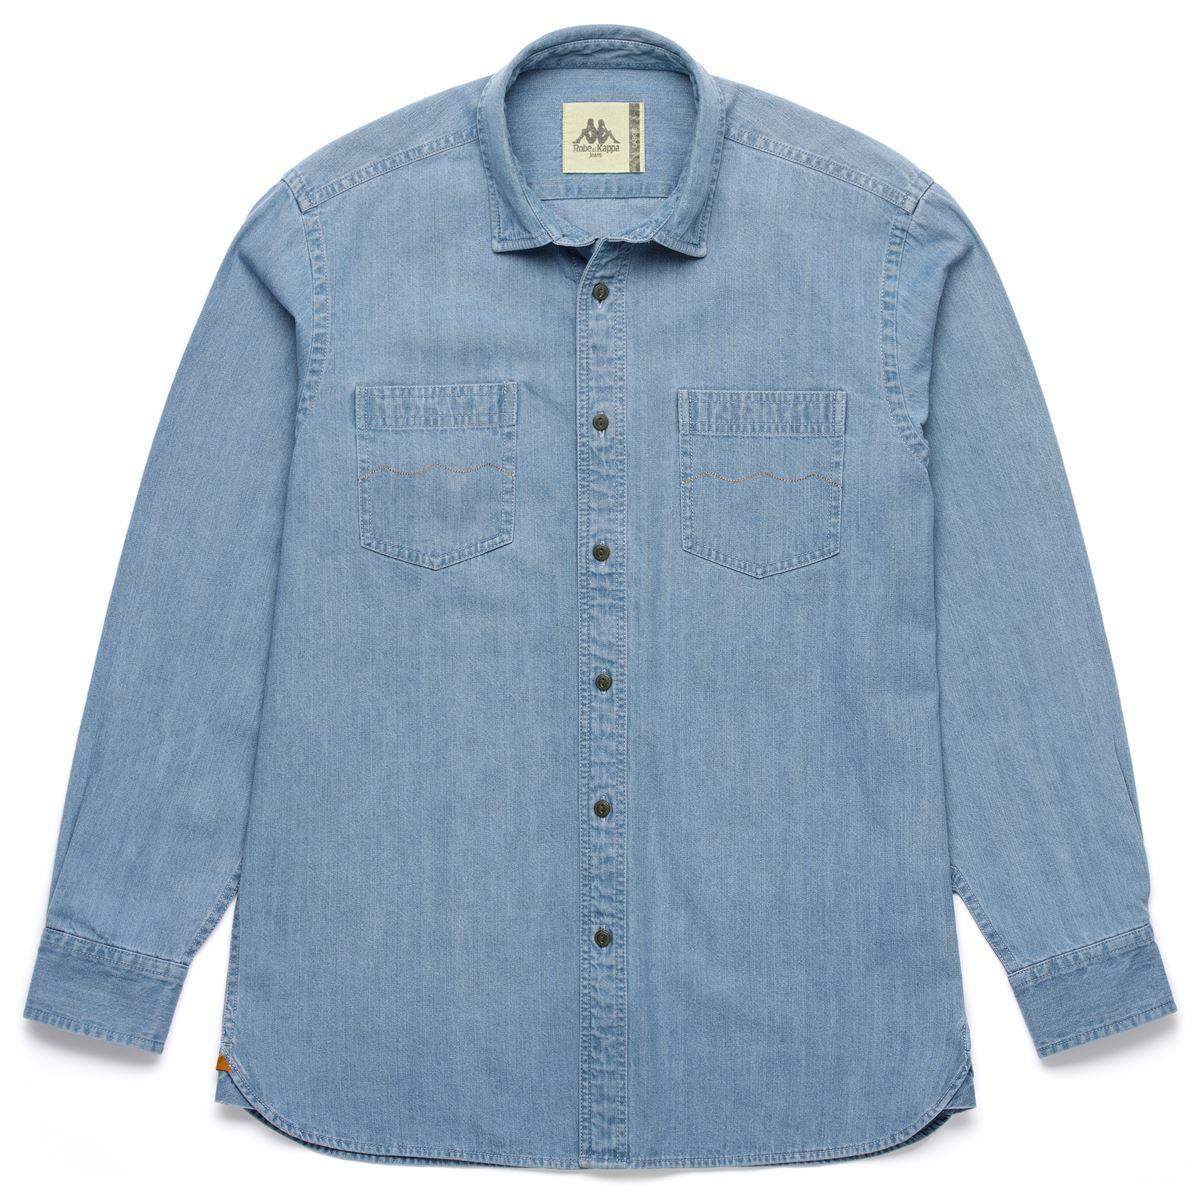 Robe di Kappa Camicie uomo-621161W